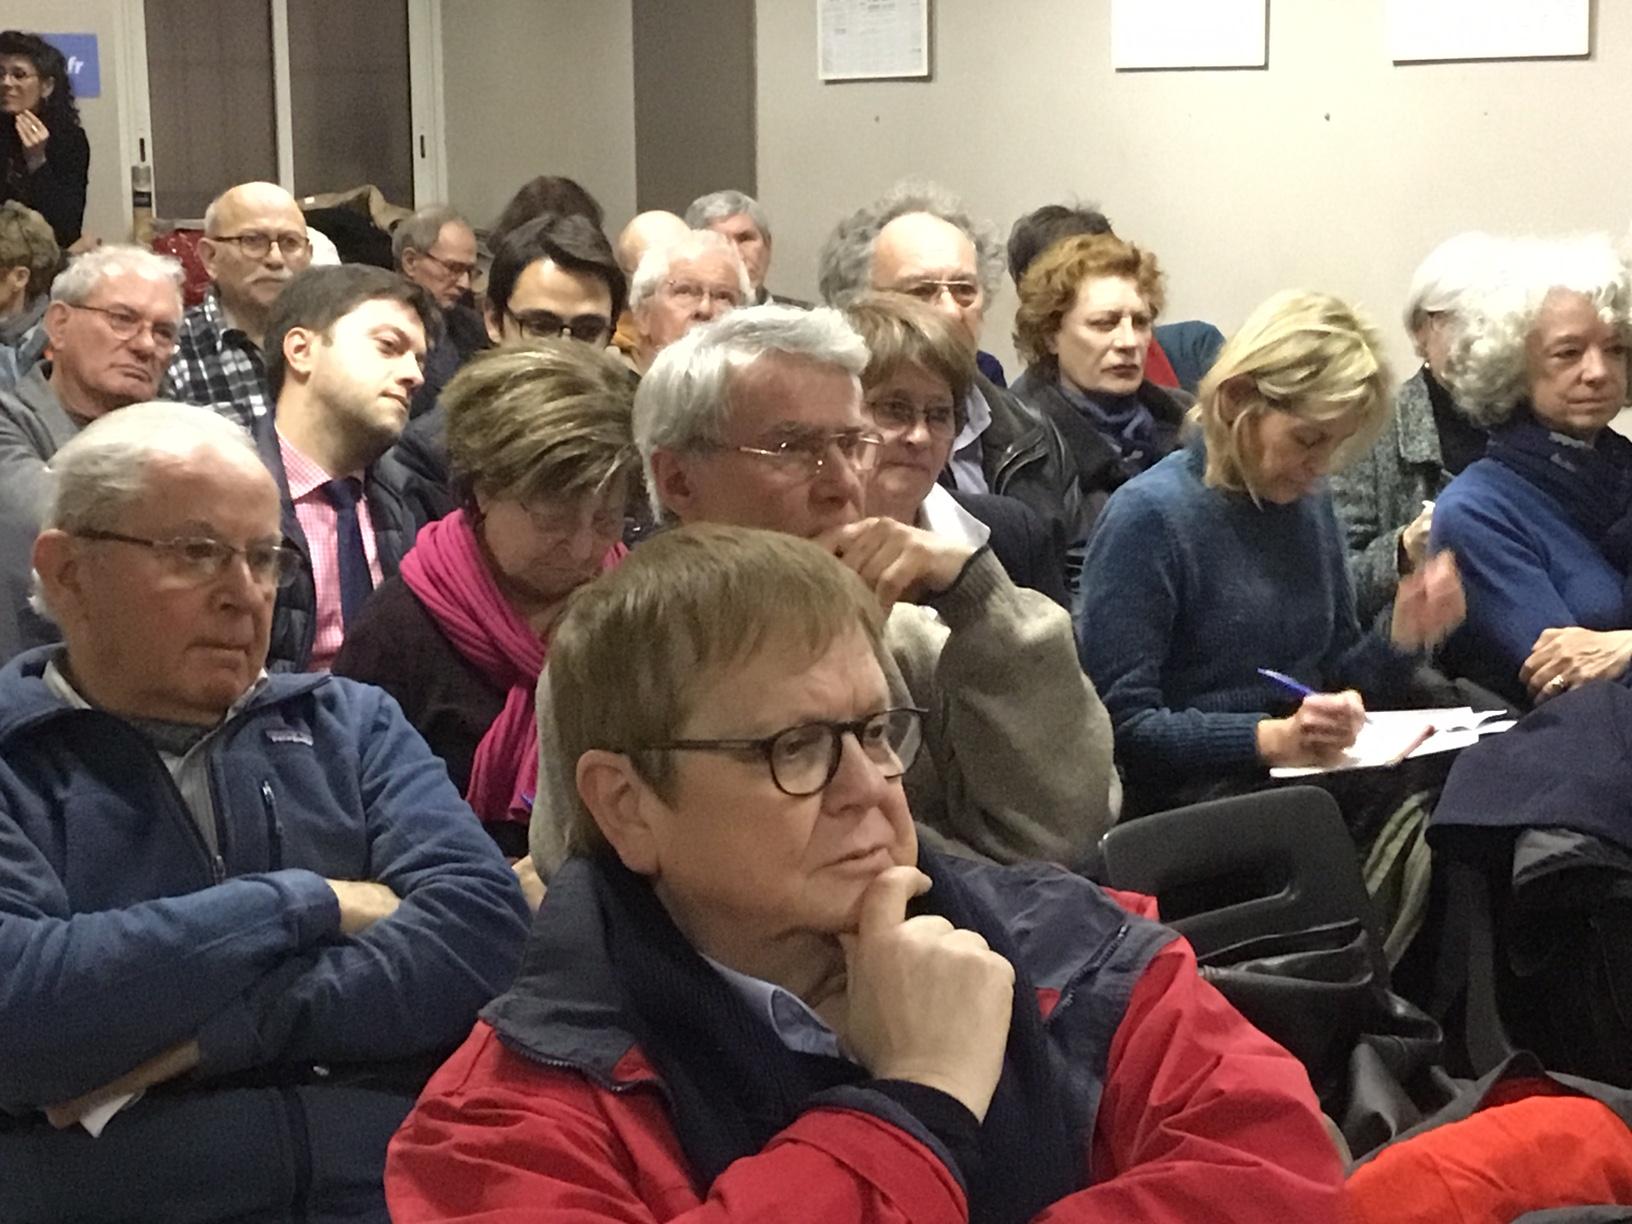 (2) Mobilisons nous pour participer à l'enquête publique du Plan Local d'Urbanisme intercommunal (PLUi) du territoire Marseille Provence